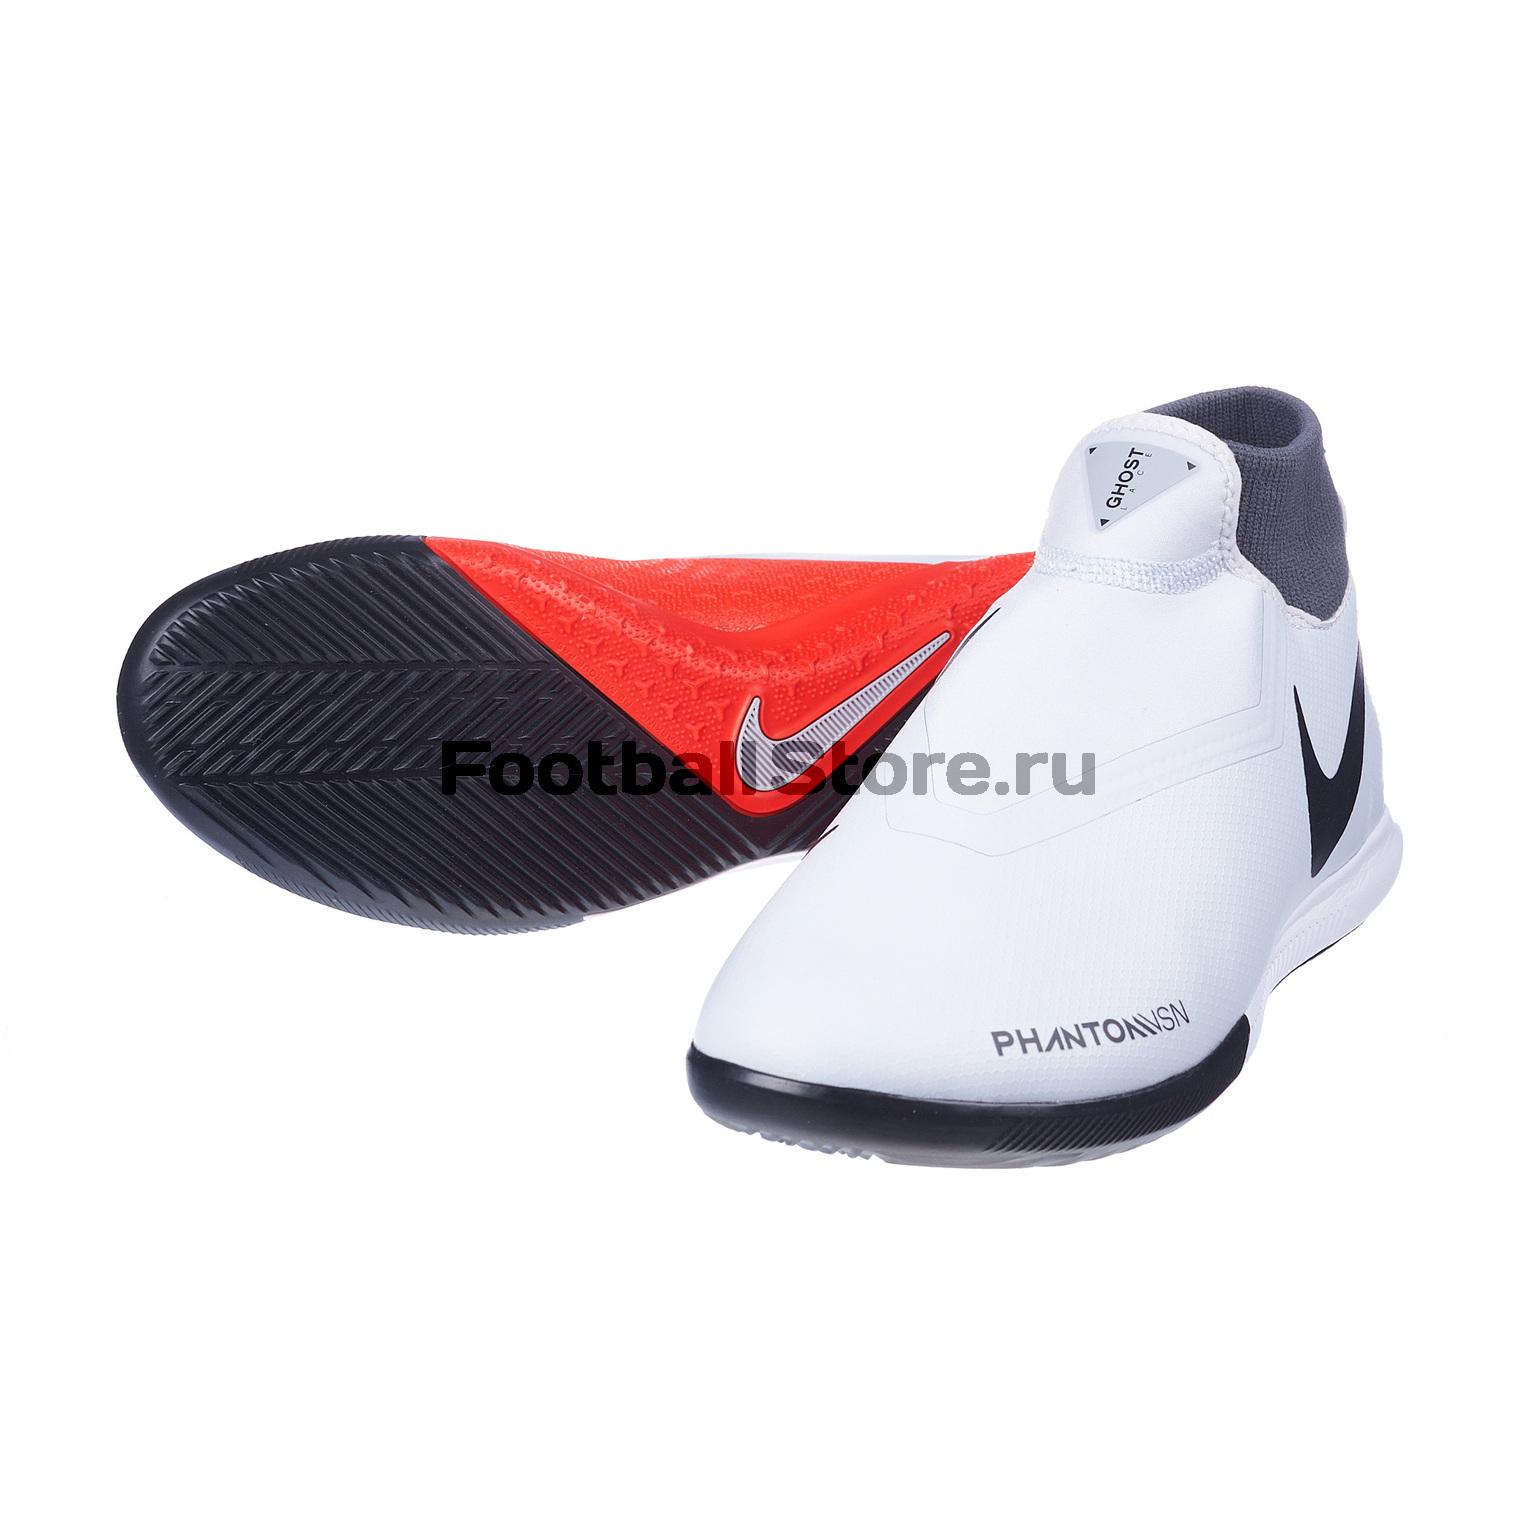 Обувь для зала Nike Phantom Vision Academy DF IC AO3267-060 бутсы nike phantom vision elite df sg pro fc ao3264 060